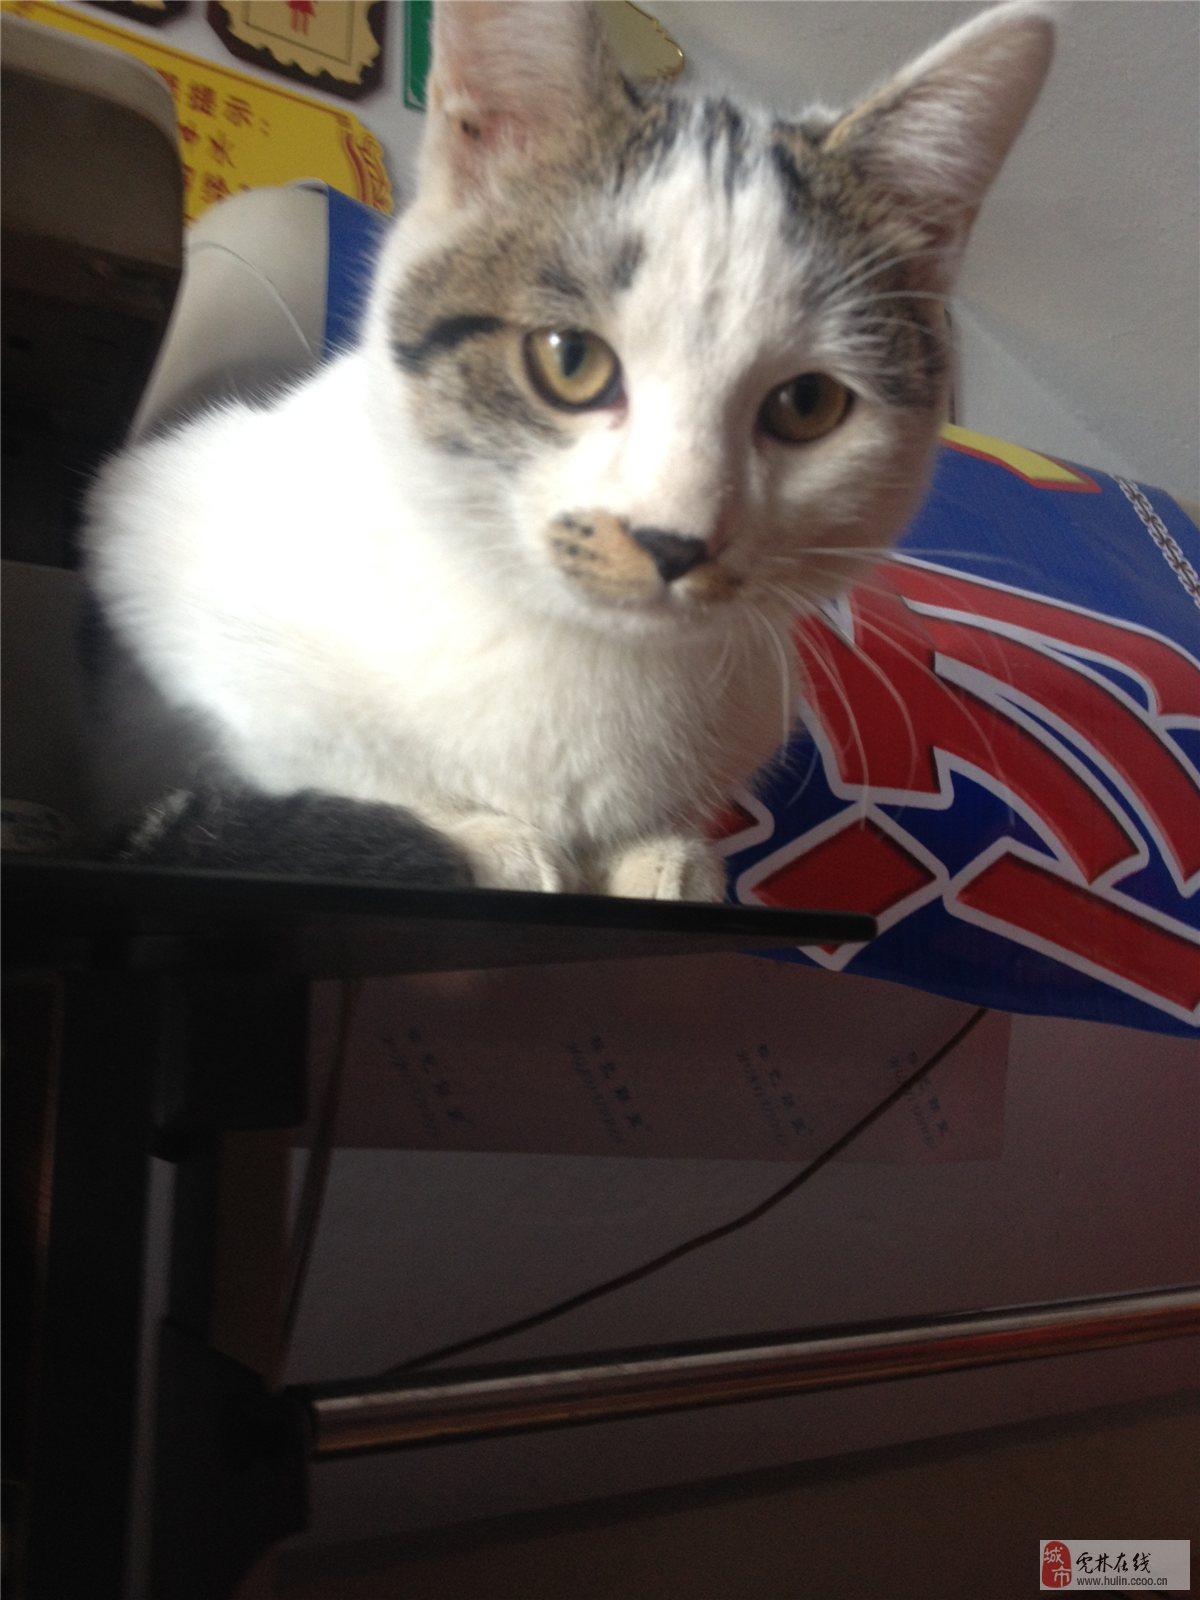 要求:有爱心 真心喜欢猫猫的 科学喂养 不离不弃,家人一致同意 小猫咪快4个月了、吃猫粮,不挑食 会用猫砂上厕所,不随地大小便,爱干净要求科学喂养不离不弃,他们的猫妈妈最近总咬她们,所以只能为小猫找个爱他的主人! 联系我时请说明是在虎林在线看到的 同城交易请当面进行,以免造成损失。外地交易信息或者超低价商品请慎重,谨防上当受骗。